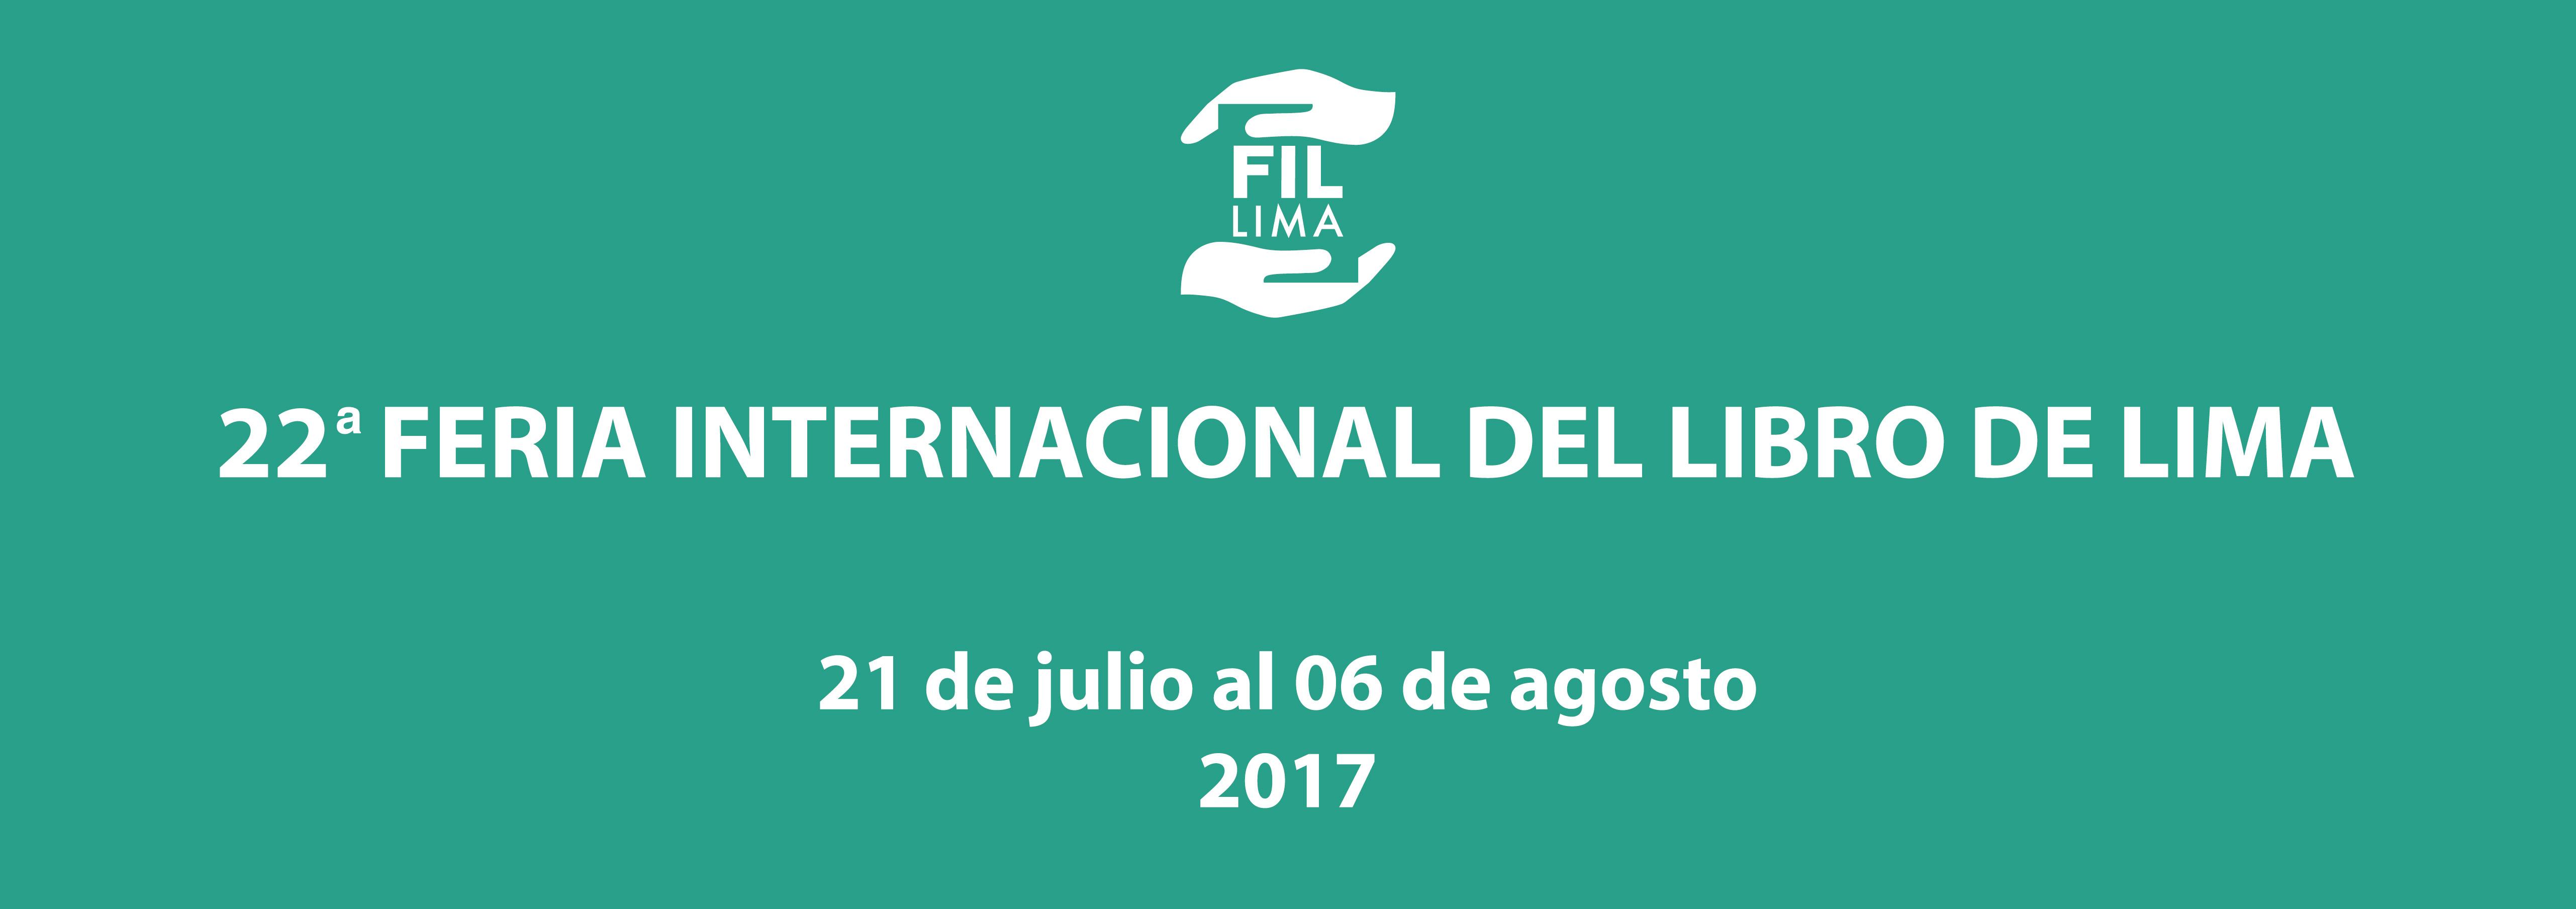 olb_eventos_22-feria-internacional-del-libro-de-lima_vf_171016